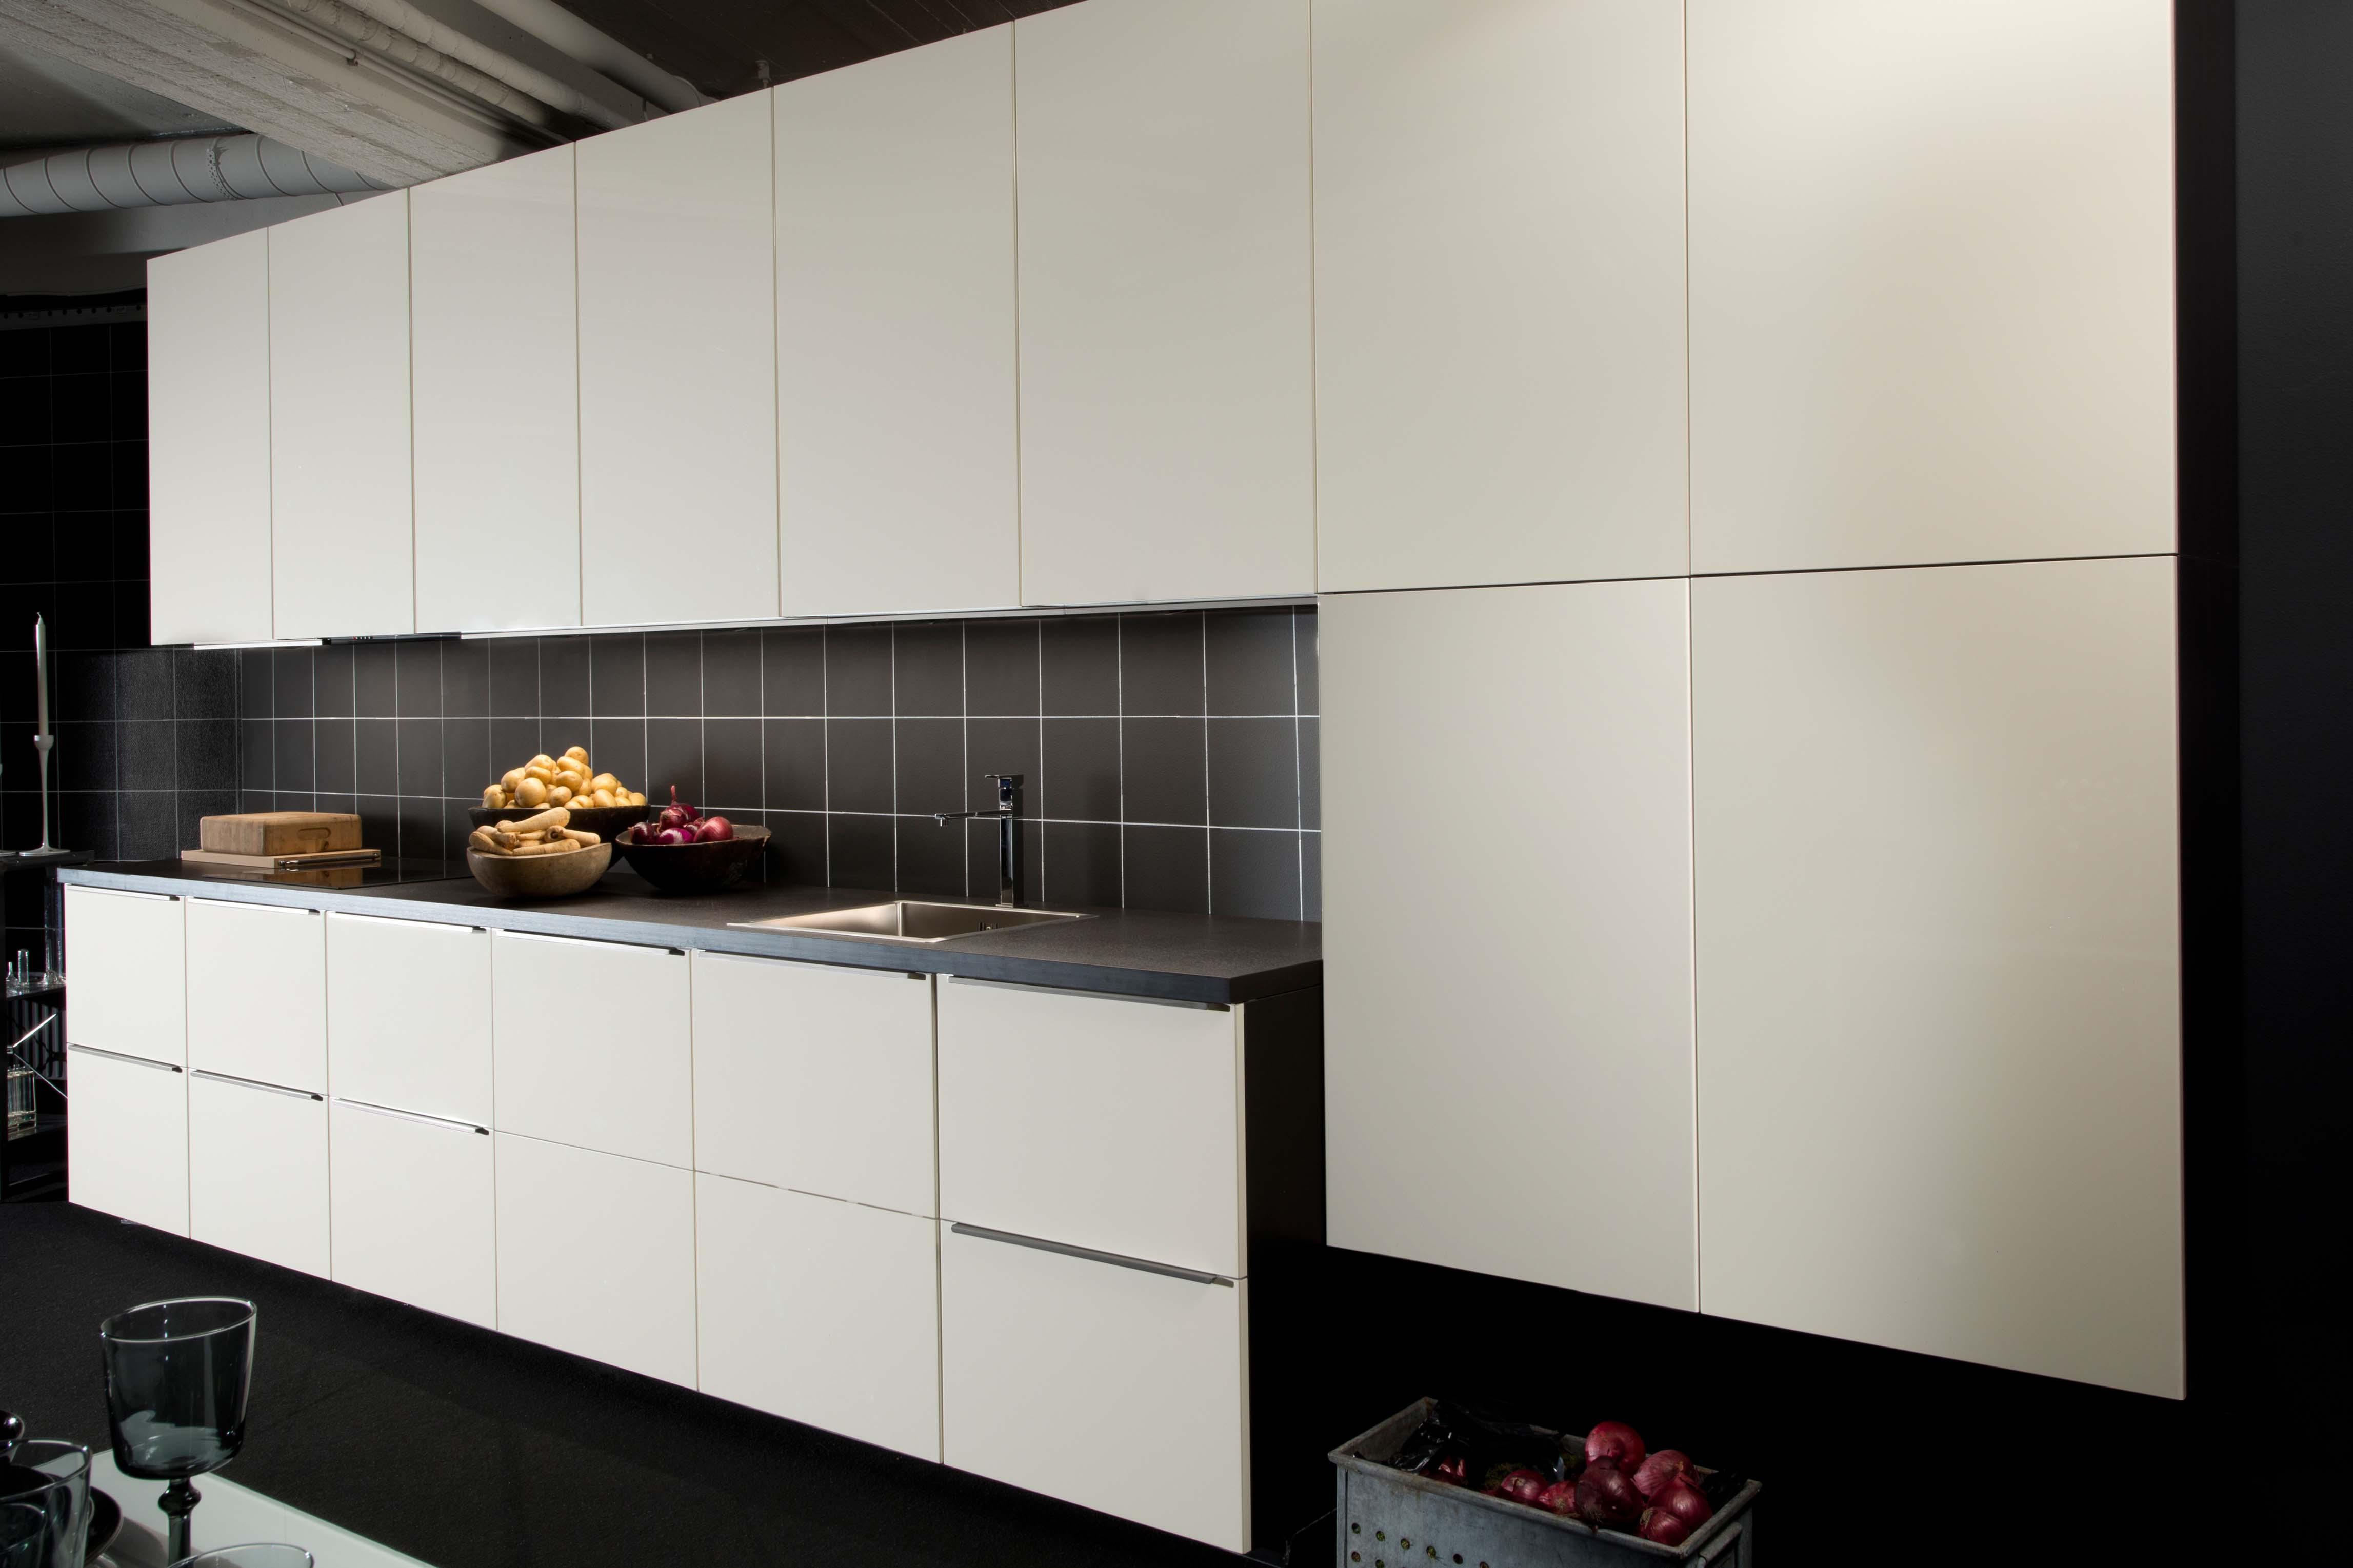 Ikea lanserer nytt kj?kken Bo-bedre.no